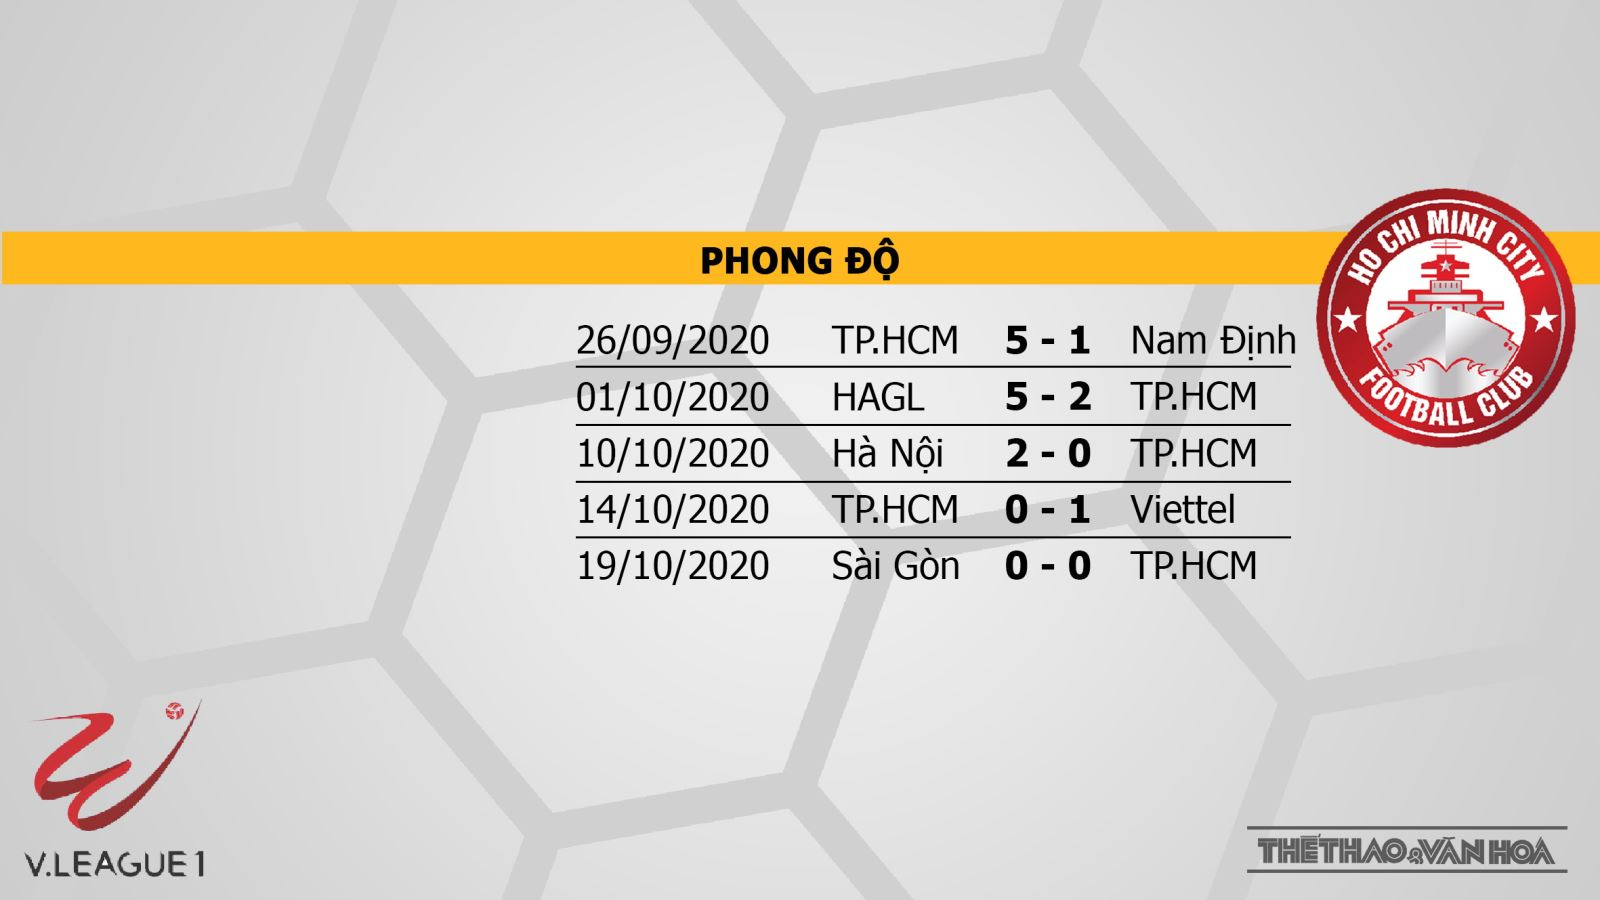 Keo nha cai, kèo nhà cái, Quảng Ninh vs TPHCM, trực tiếp bóng đá, trực tiếp V-League 2020, soi kèo nhà cái, soi kèo Quảng Ninh đấu với TPHCM, BĐTV, kèo TPHCM, kèo bóng đá